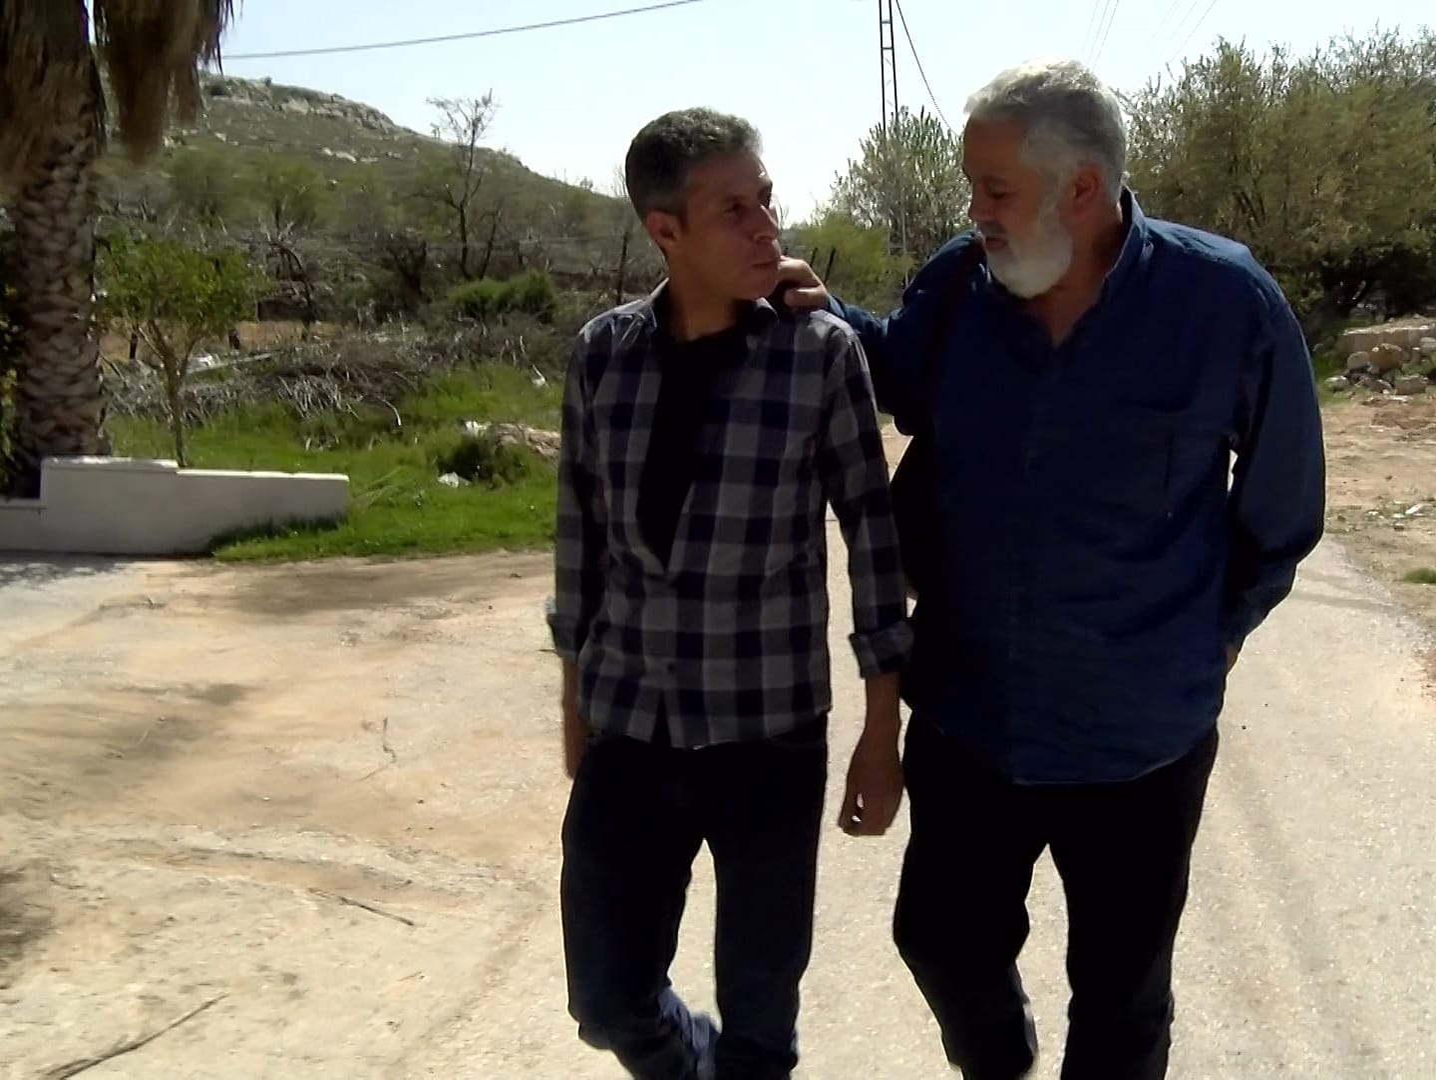 אי של שפיות- שכנים יהודים וערבים במיזם עסקי בדרום הר חברון